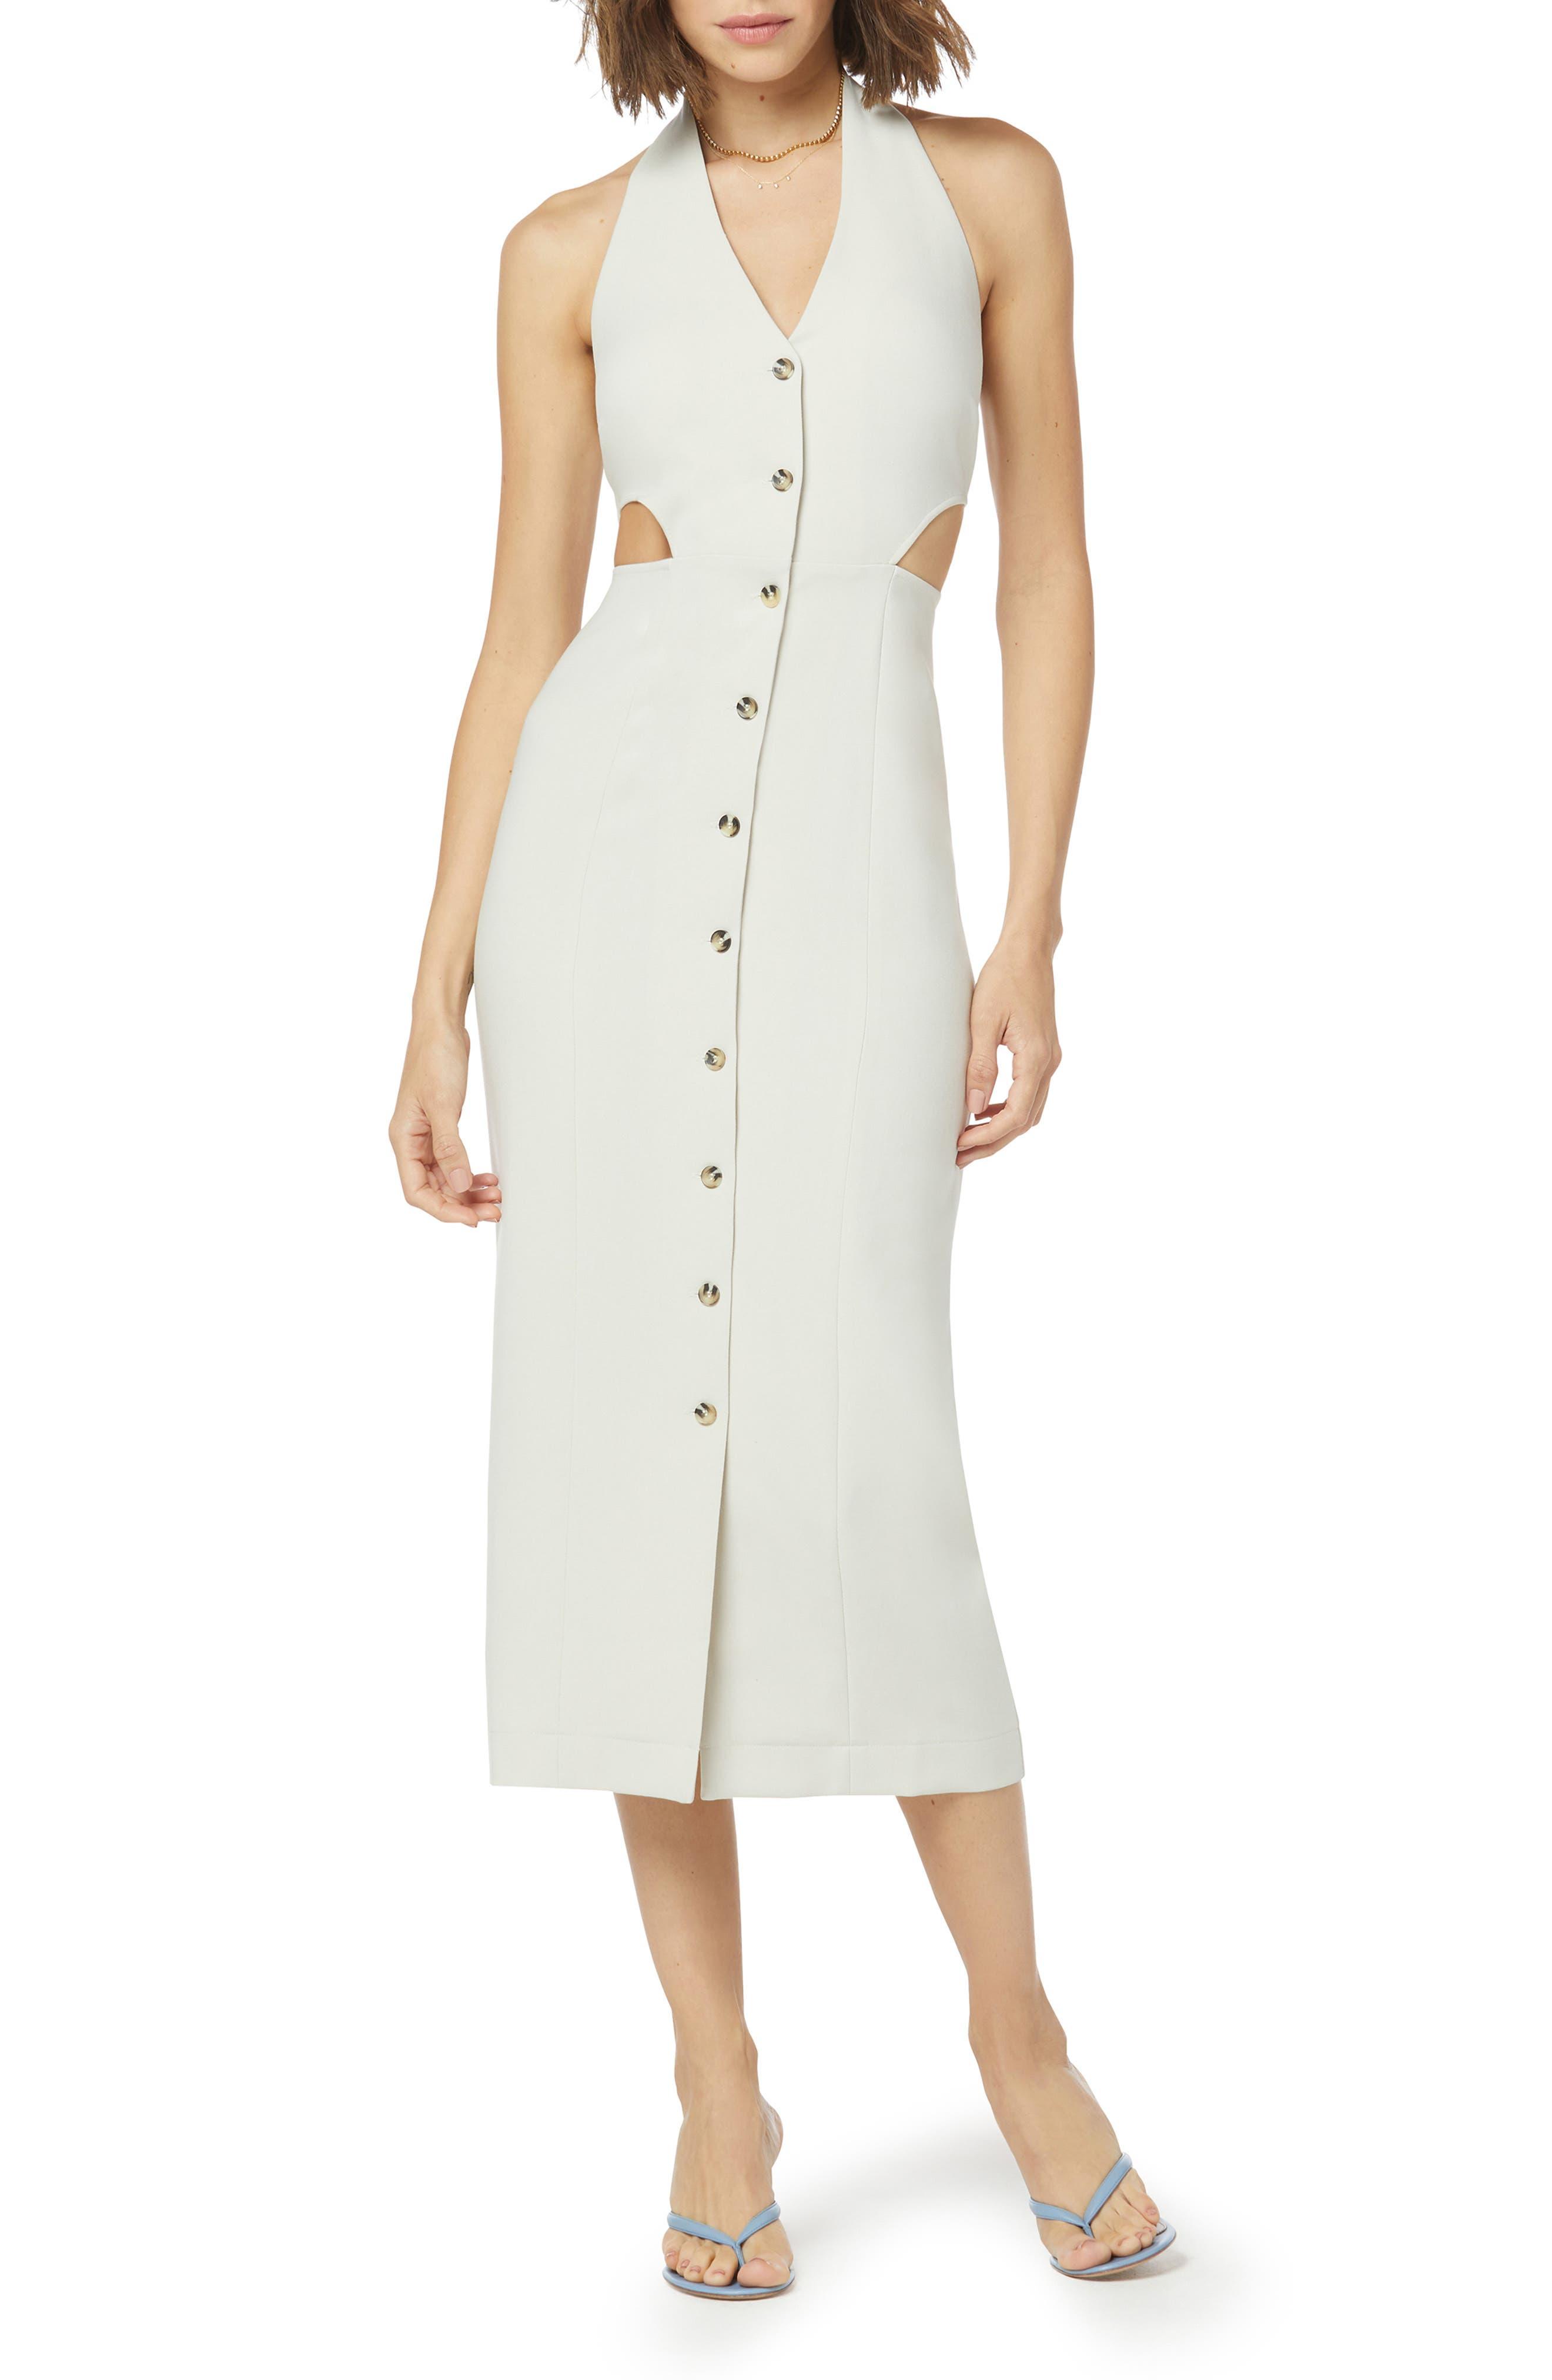 Button-Up Halter Neck Dress